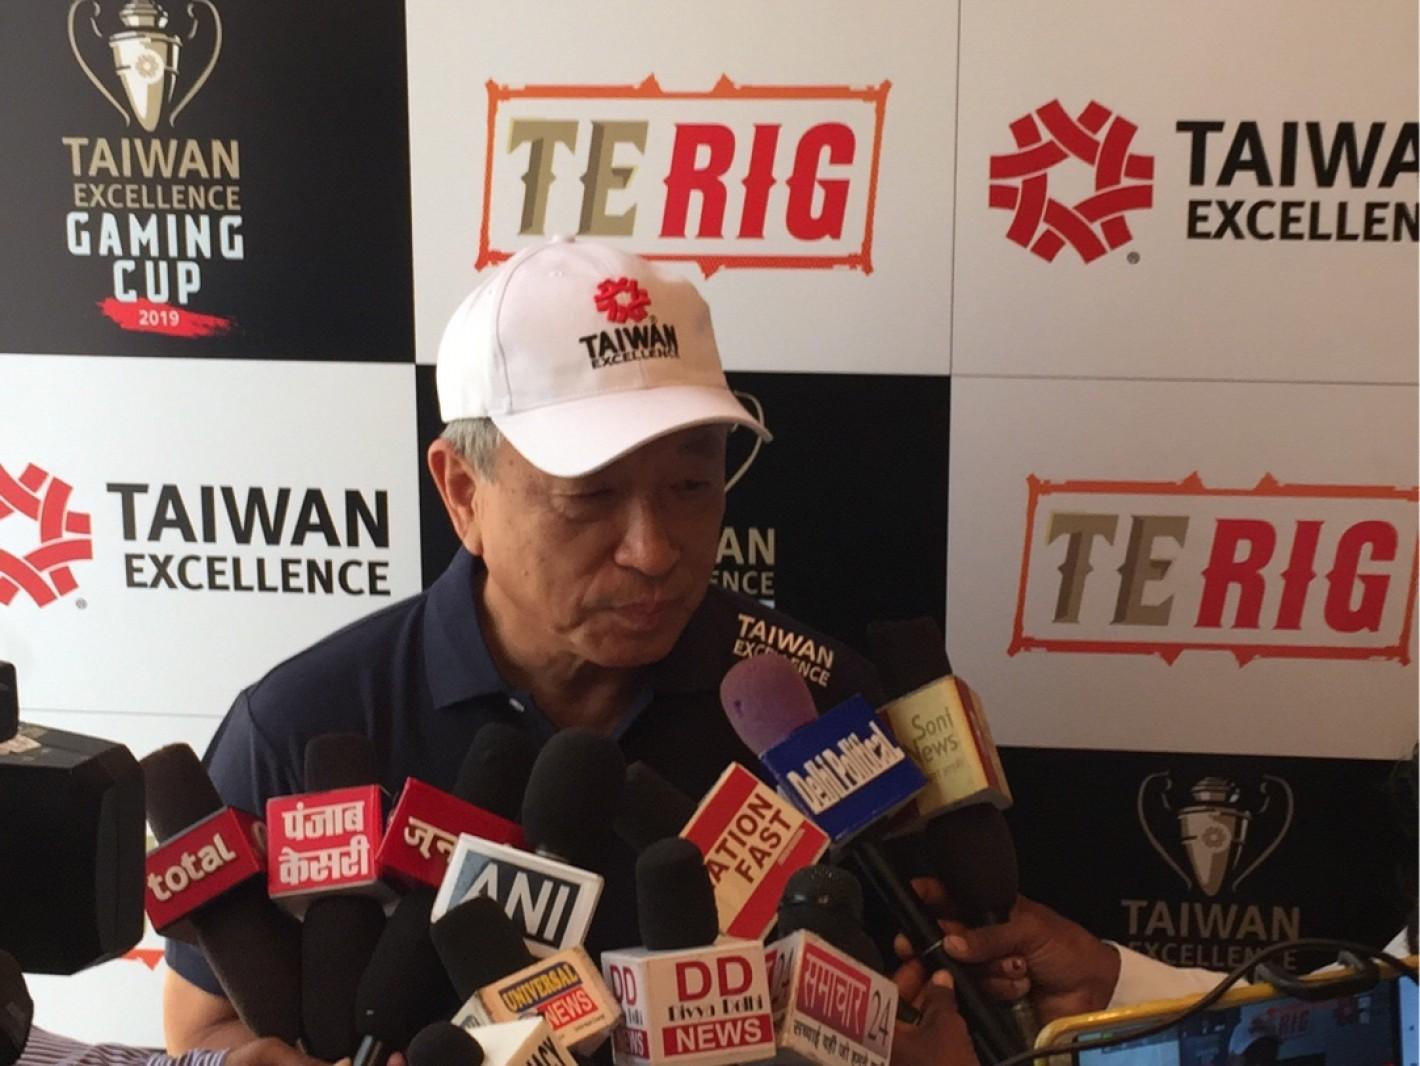 駐印度台北經濟文化中心大使田中光出席電競賽啟動記者會 並接受當地媒體專訪